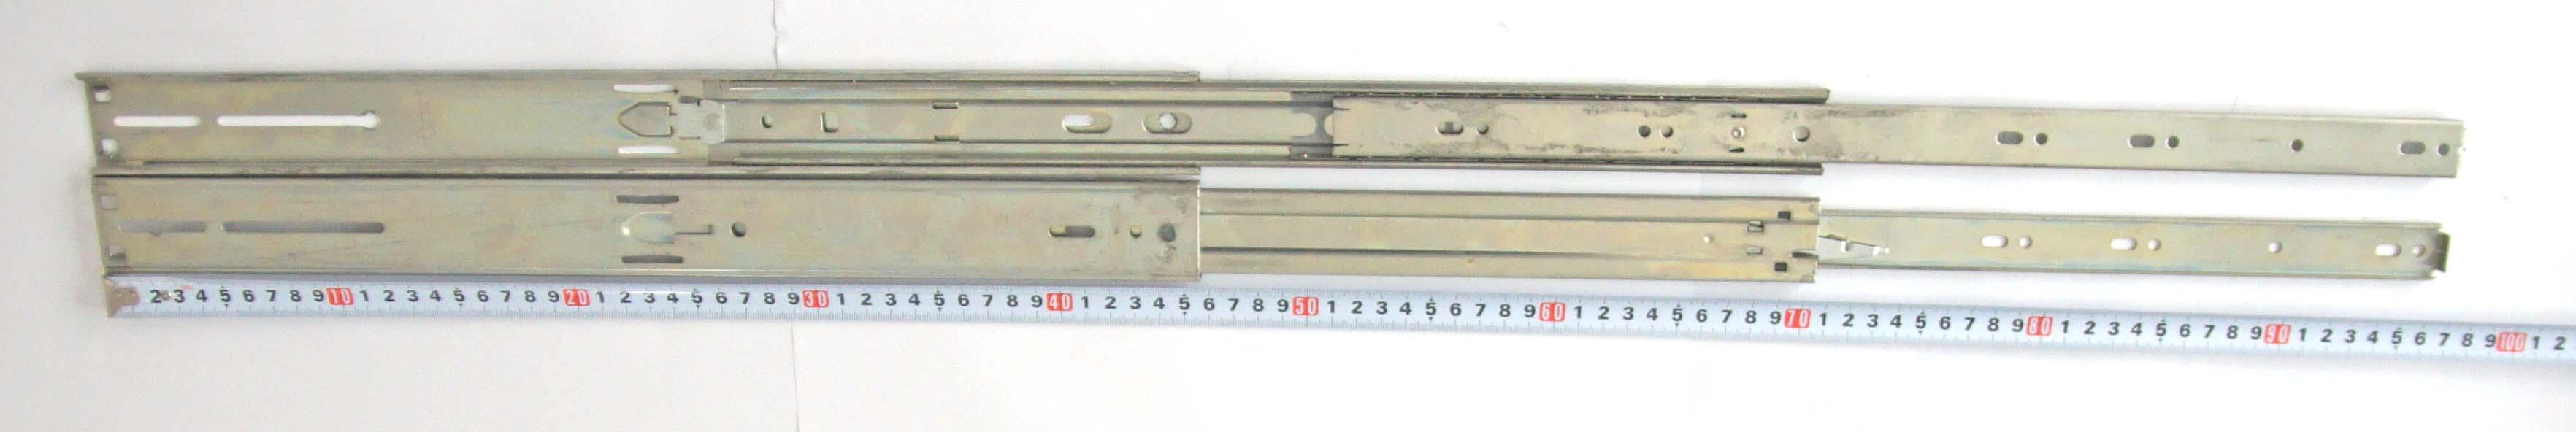 Kugelgelagerte Teleskop-Ausziehträger mit Überauszug Model 2907-18